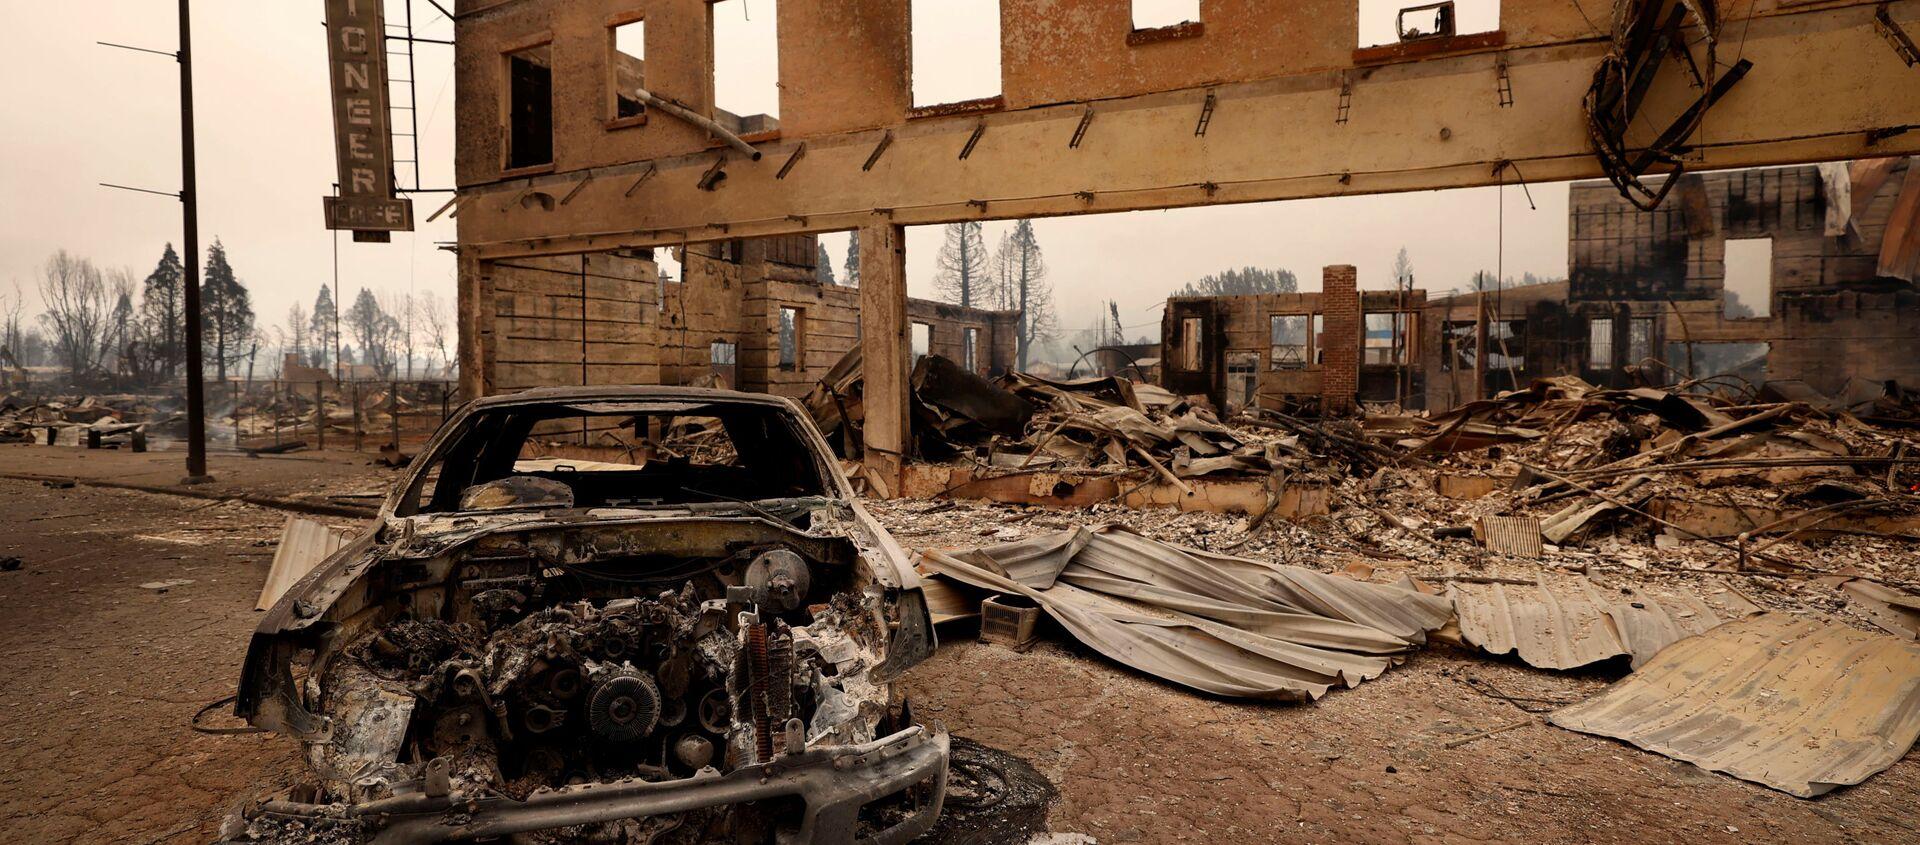 ABD'nin Kaliforniya eyaletinde yaklaşık 3 haftadır devam eden orman yangını tarihi bir kasabayı küle çevirdi. - Sputnik Türkiye, 1920, 06.08.2021